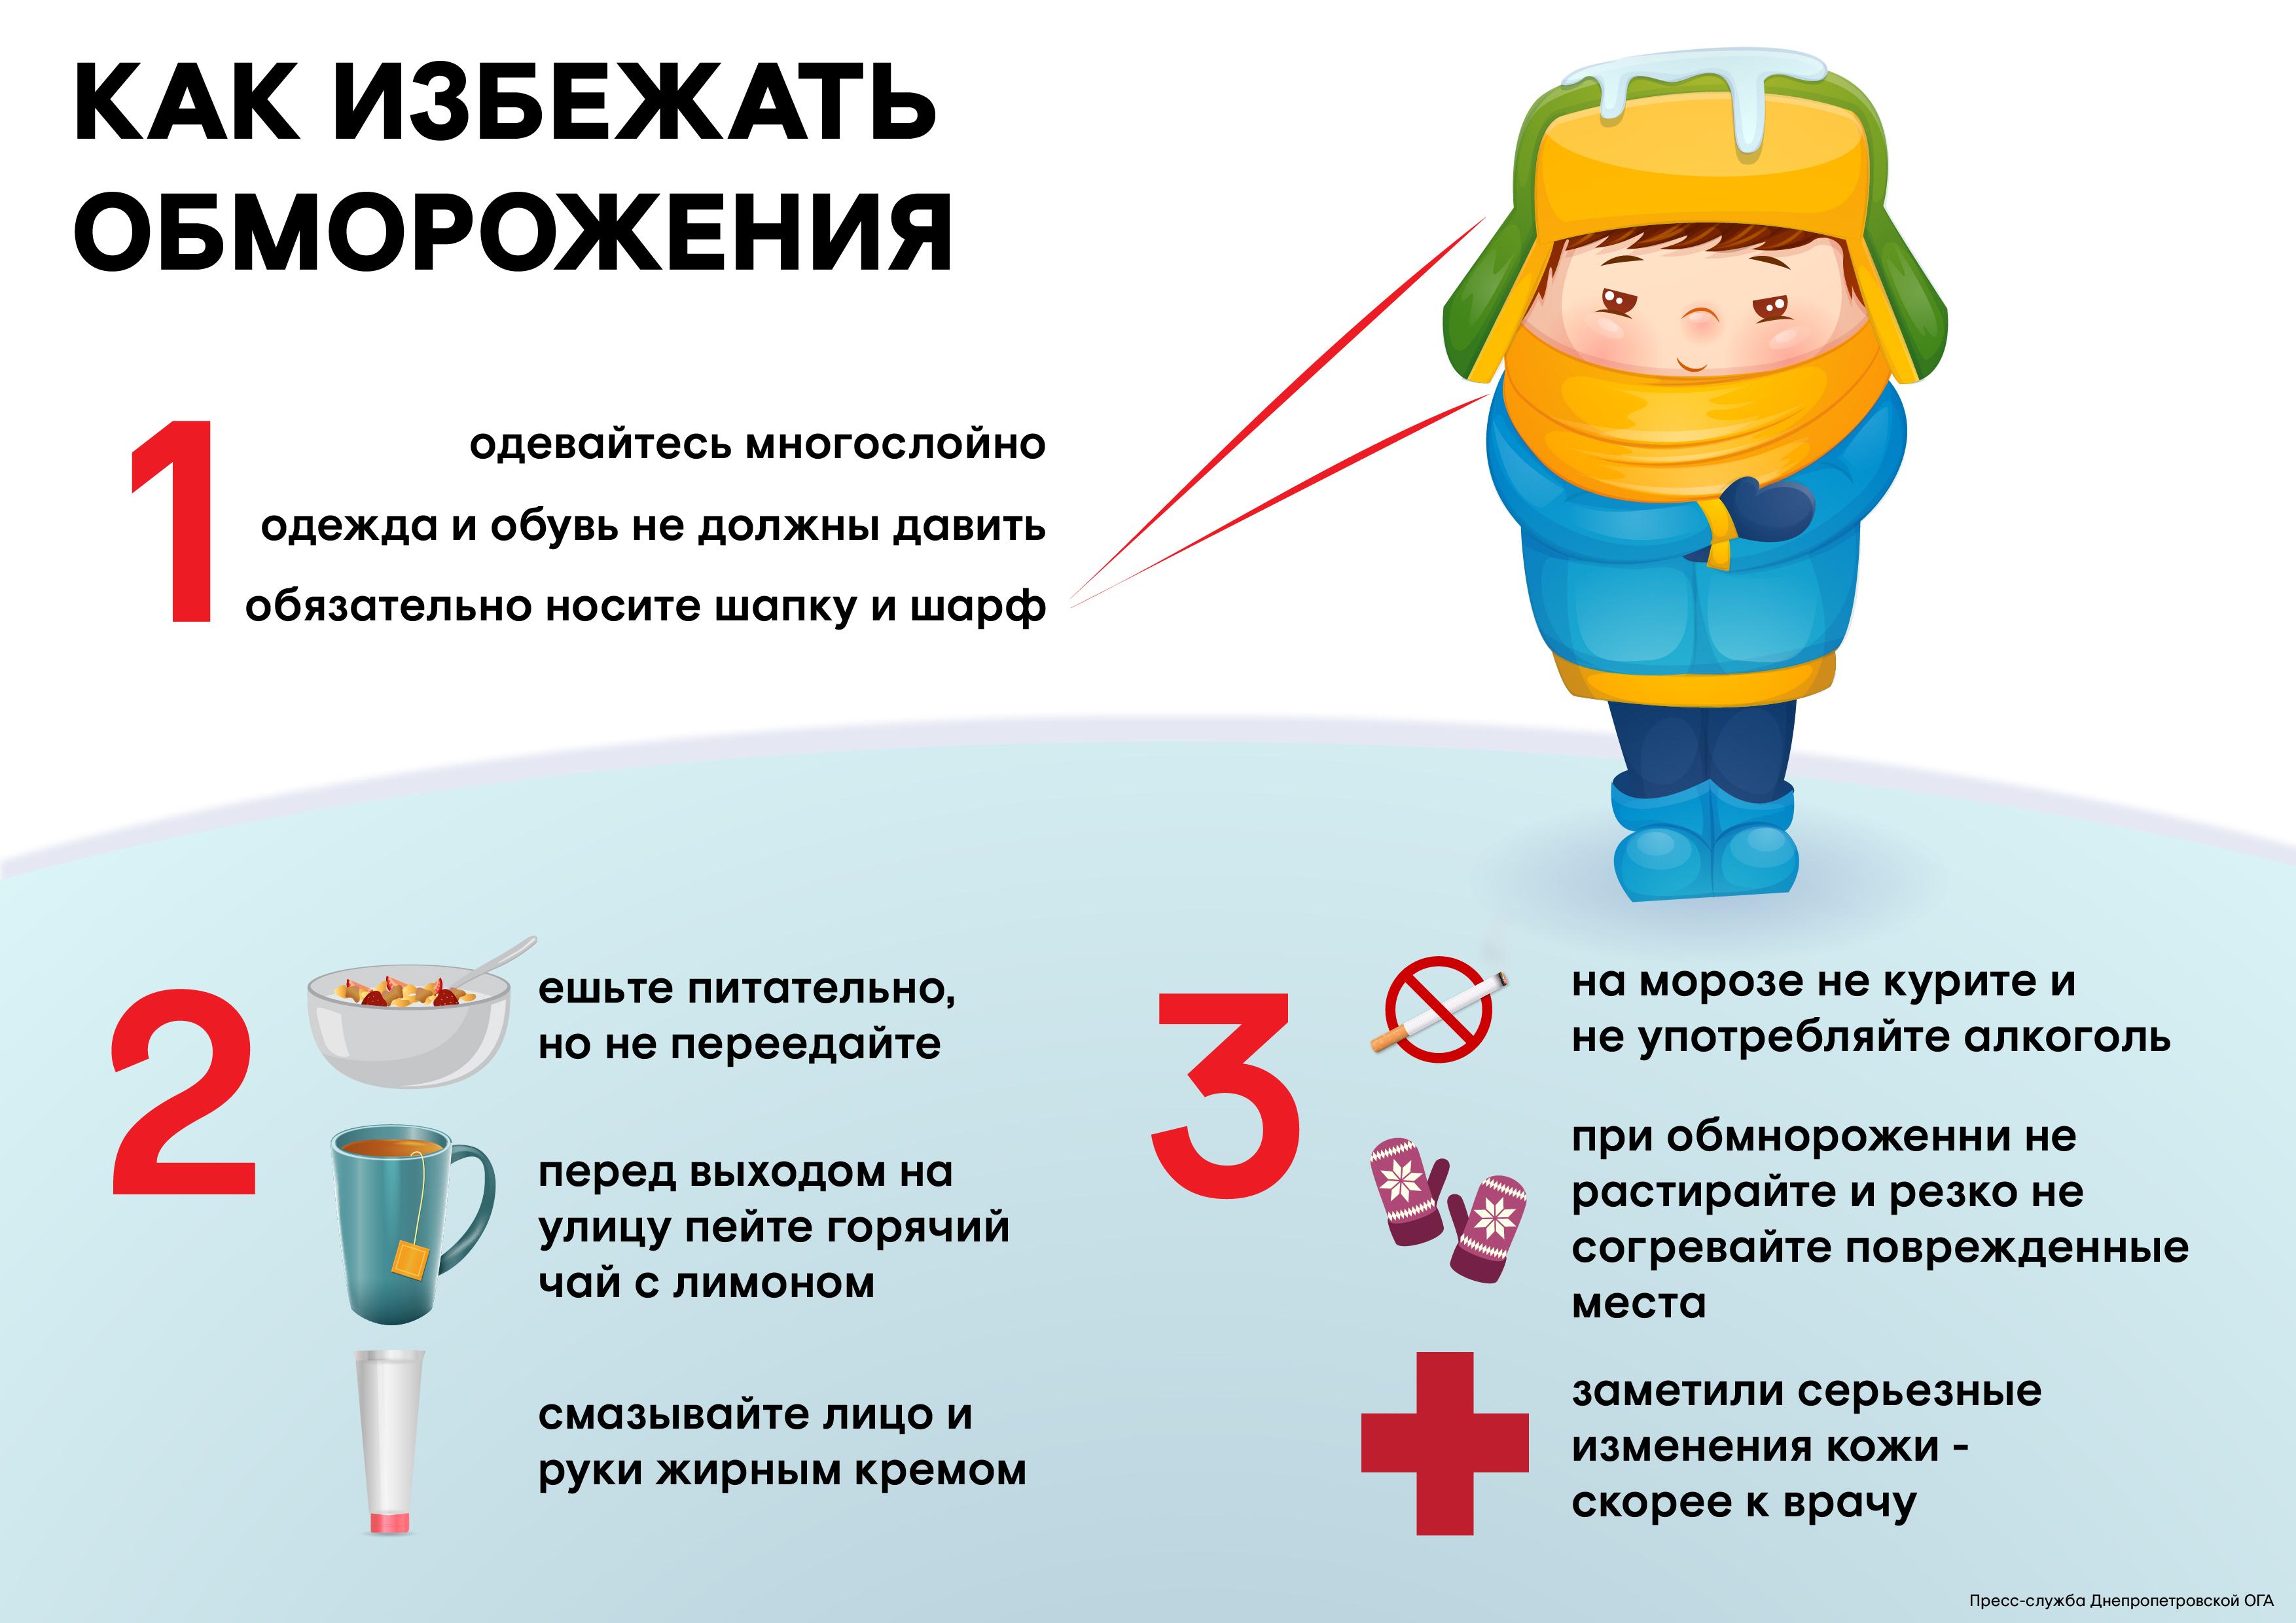 обмороження_27.01.17_рус-01